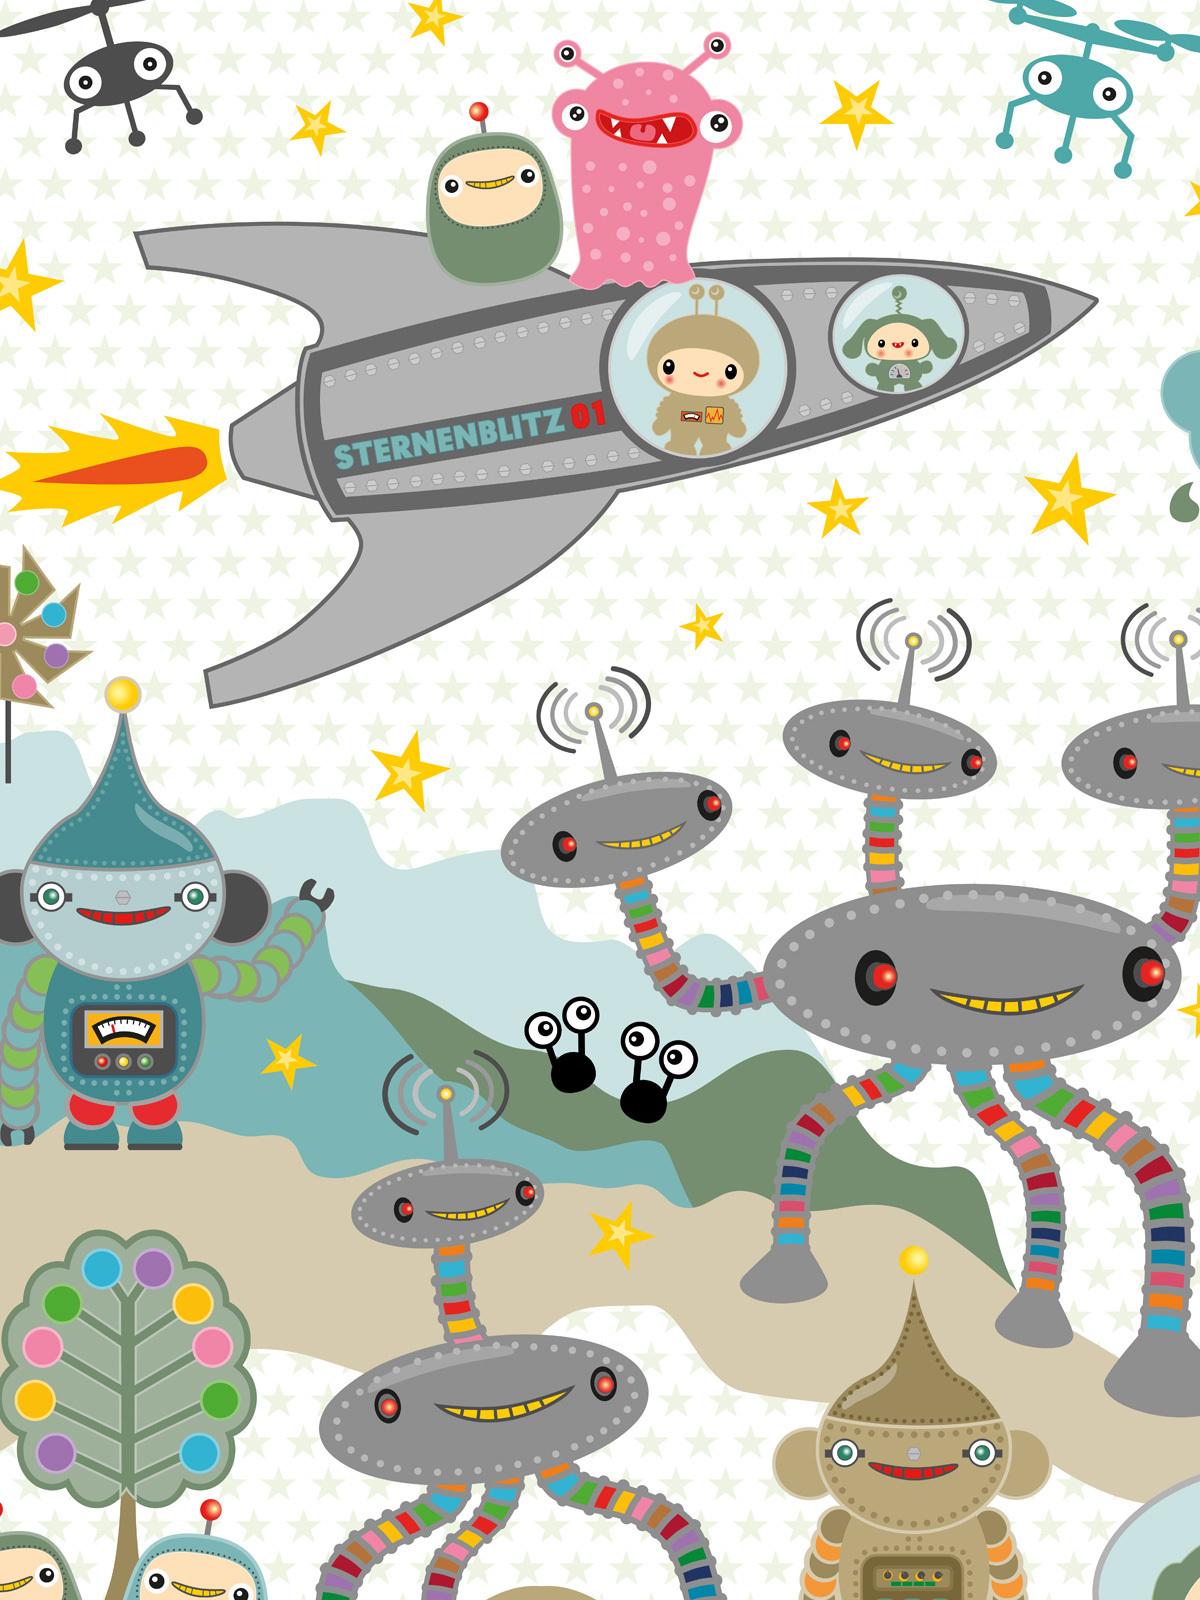 Full Size of Kinderzimmer Tapete Sternenblitz Auf Planet Noxy Miyo Mori Tapeten Für Küche Modern Wohnzimmer Ideen Schlafzimmer Fototapeten Fototapete Regale Regal Weiß Wohnzimmer Kinderzimmer Tapete